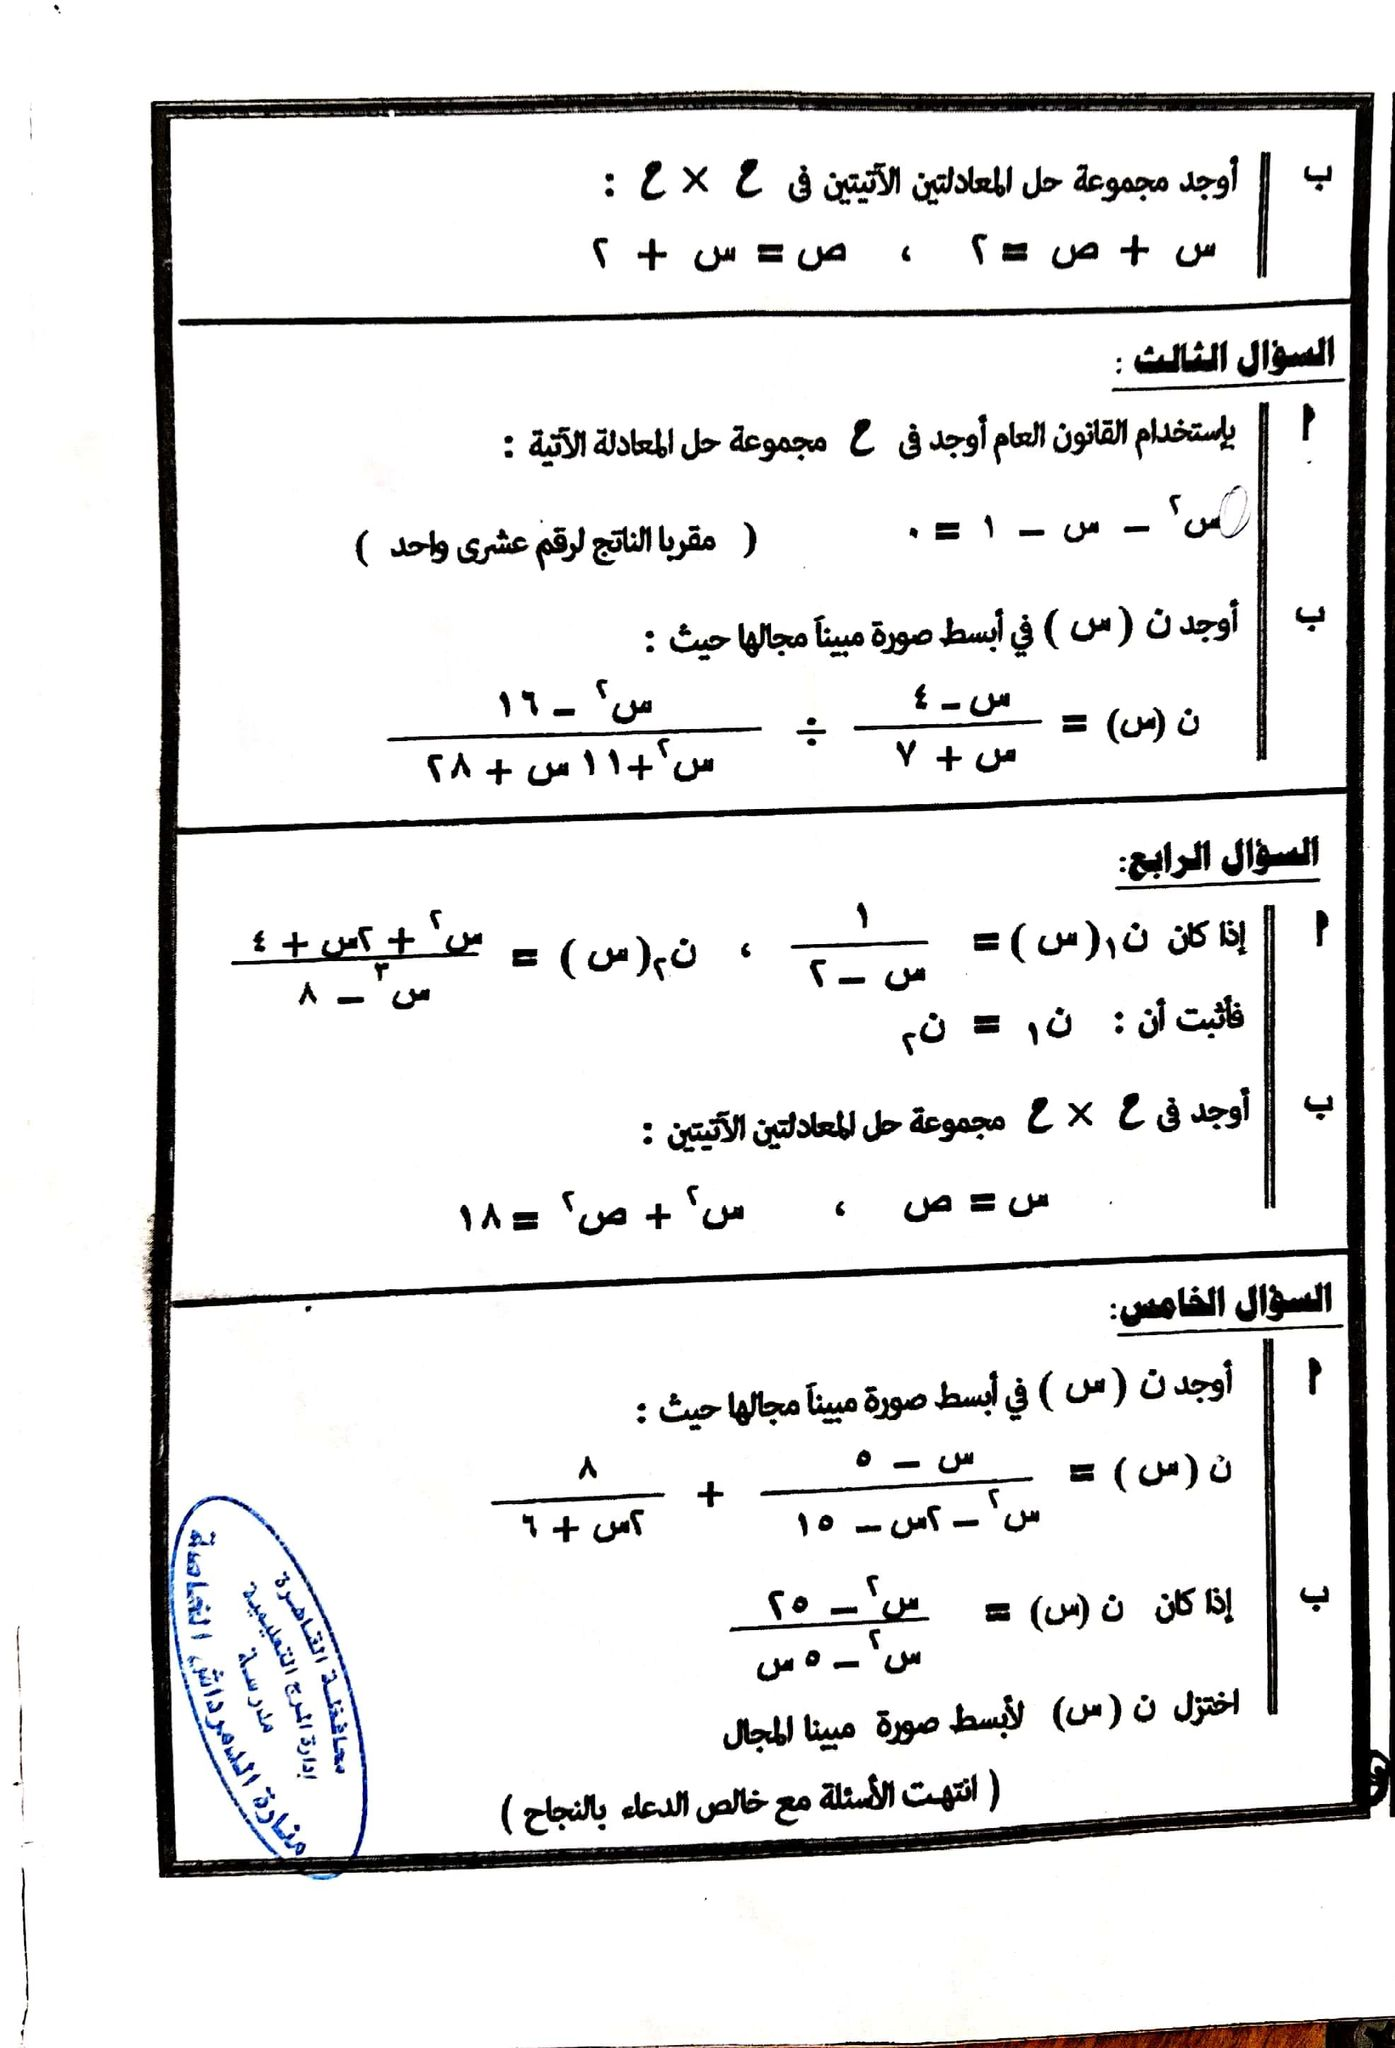 امتحان الجبر والاحصاء محافظة القاهرة الصف الثالث الاعدادى ترم ثانى 2021